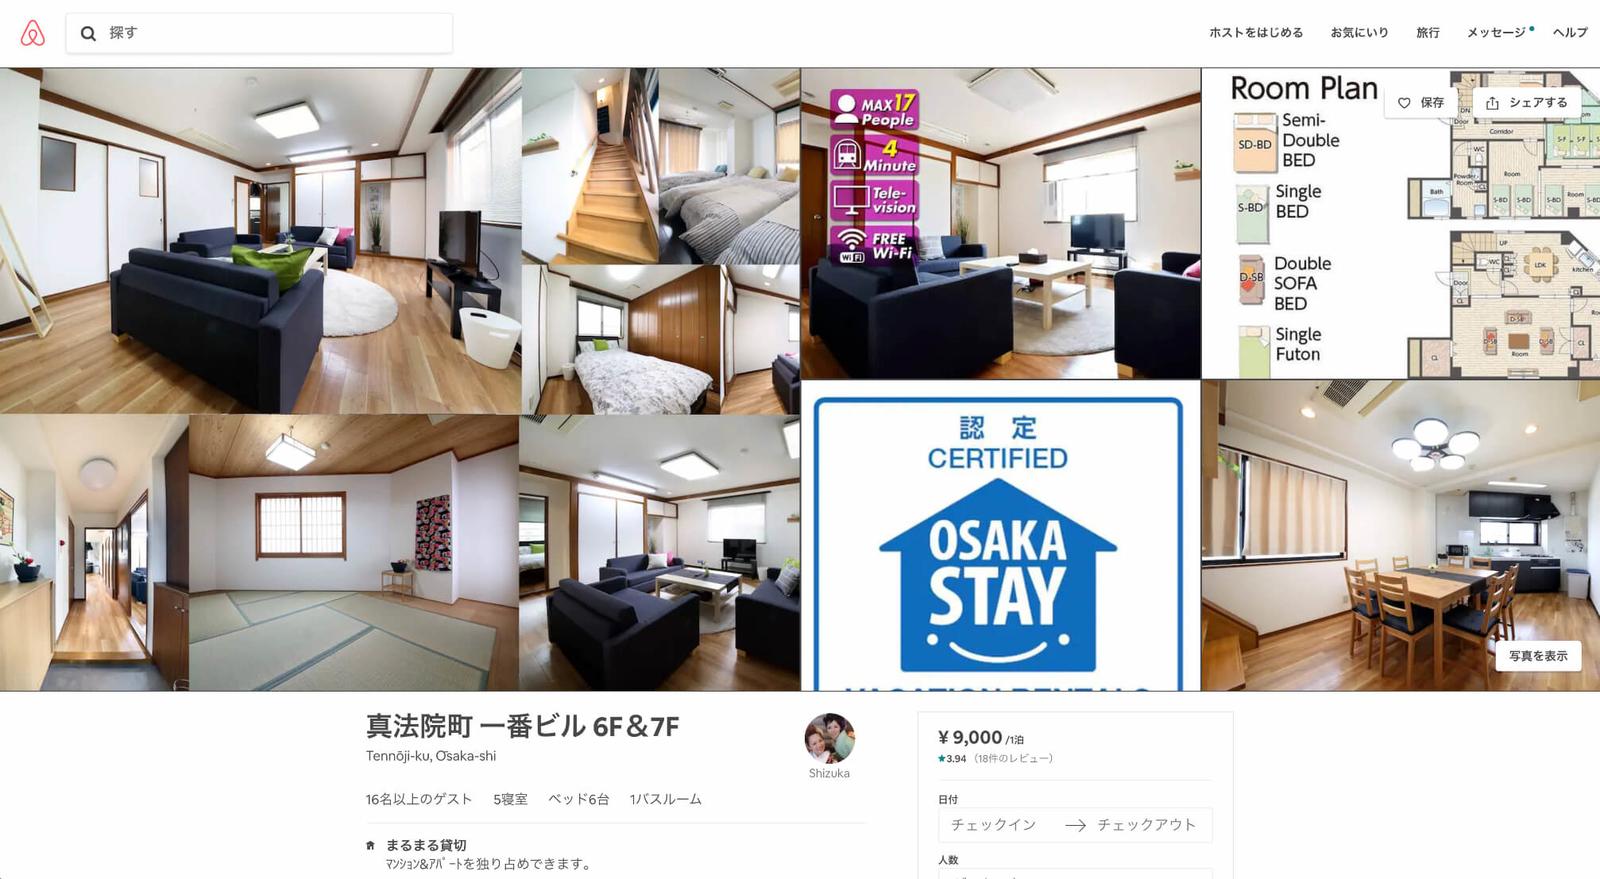 Airbnb大阪桃谷の物件 - こちらも非常に劣悪な環境で、一切誠意を感じない対応をされるので利用しない事をお勧めします。